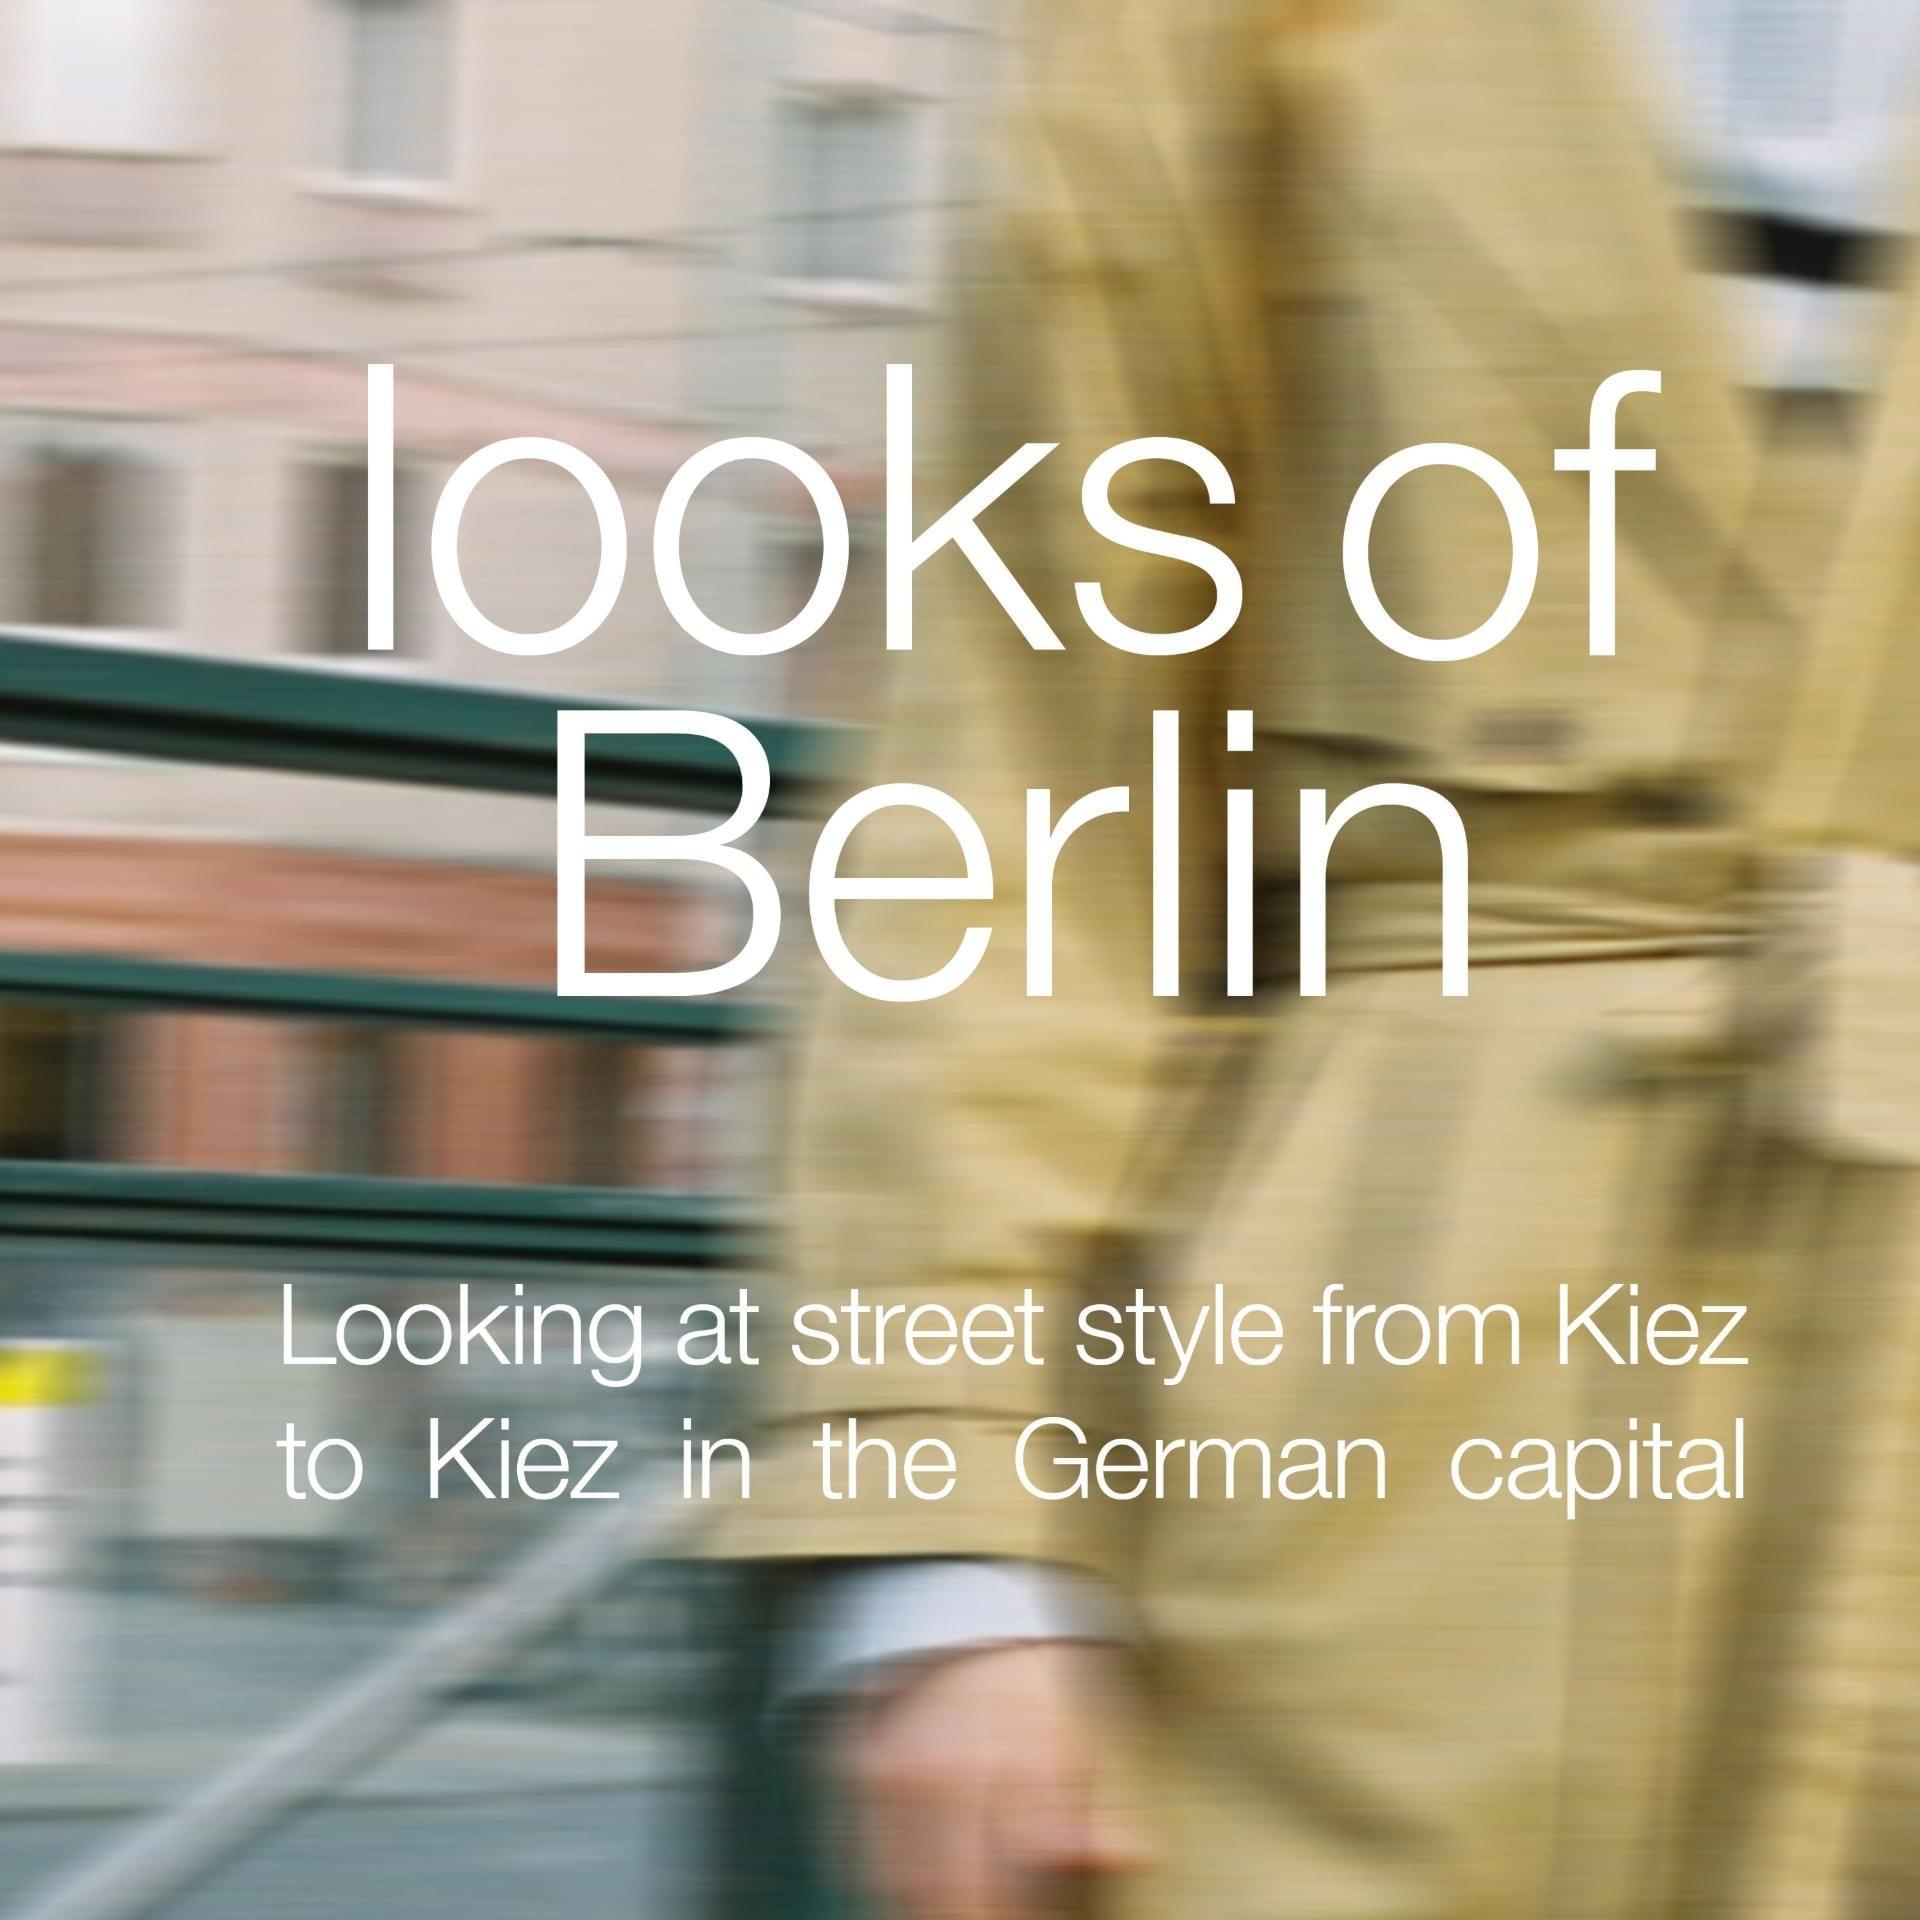 Presenting: Looks of Berlin